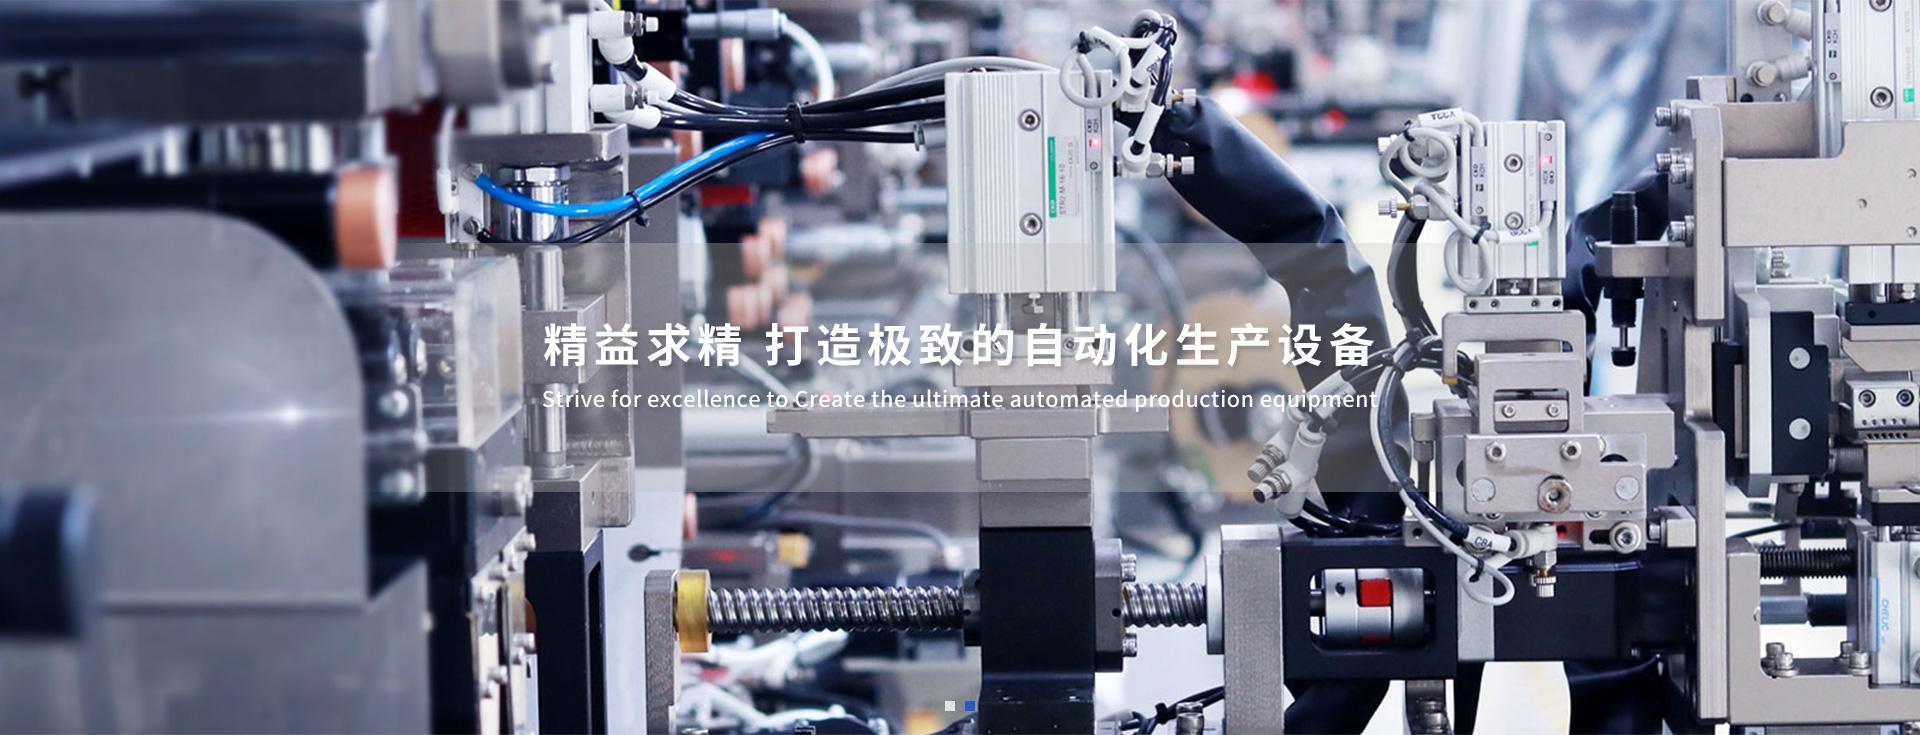 锂电池生产设备